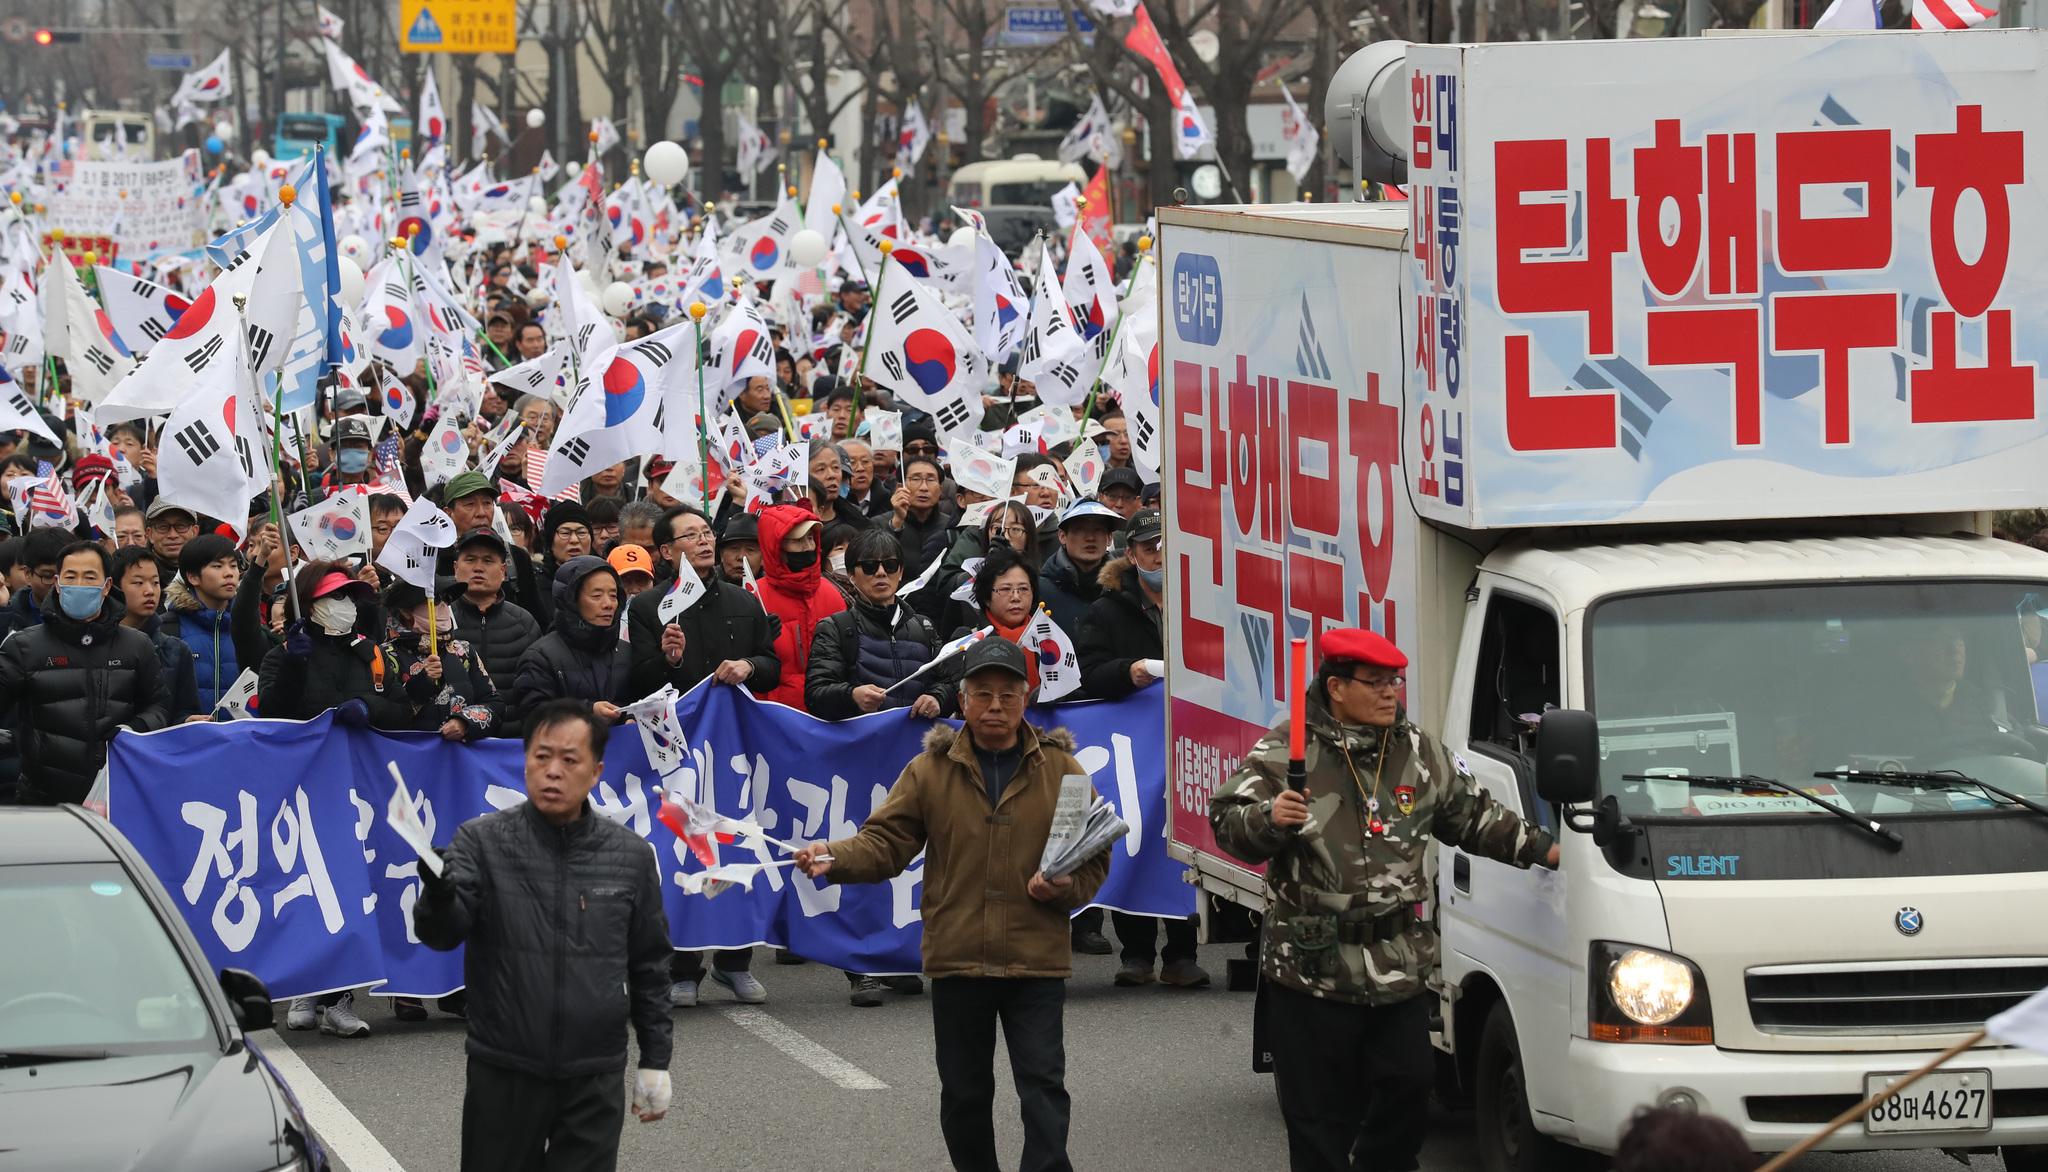 1일 오후 서울 광화문 광장 일대에서 3.1절 98주년 기념 태극기국민운동 및 구국기도회가 열렸다. 행사에 참가한 보수단체 회원들이 태극기를 흔들며 청운동 일대를 행진하고 있다. [사진 전민규 기자]